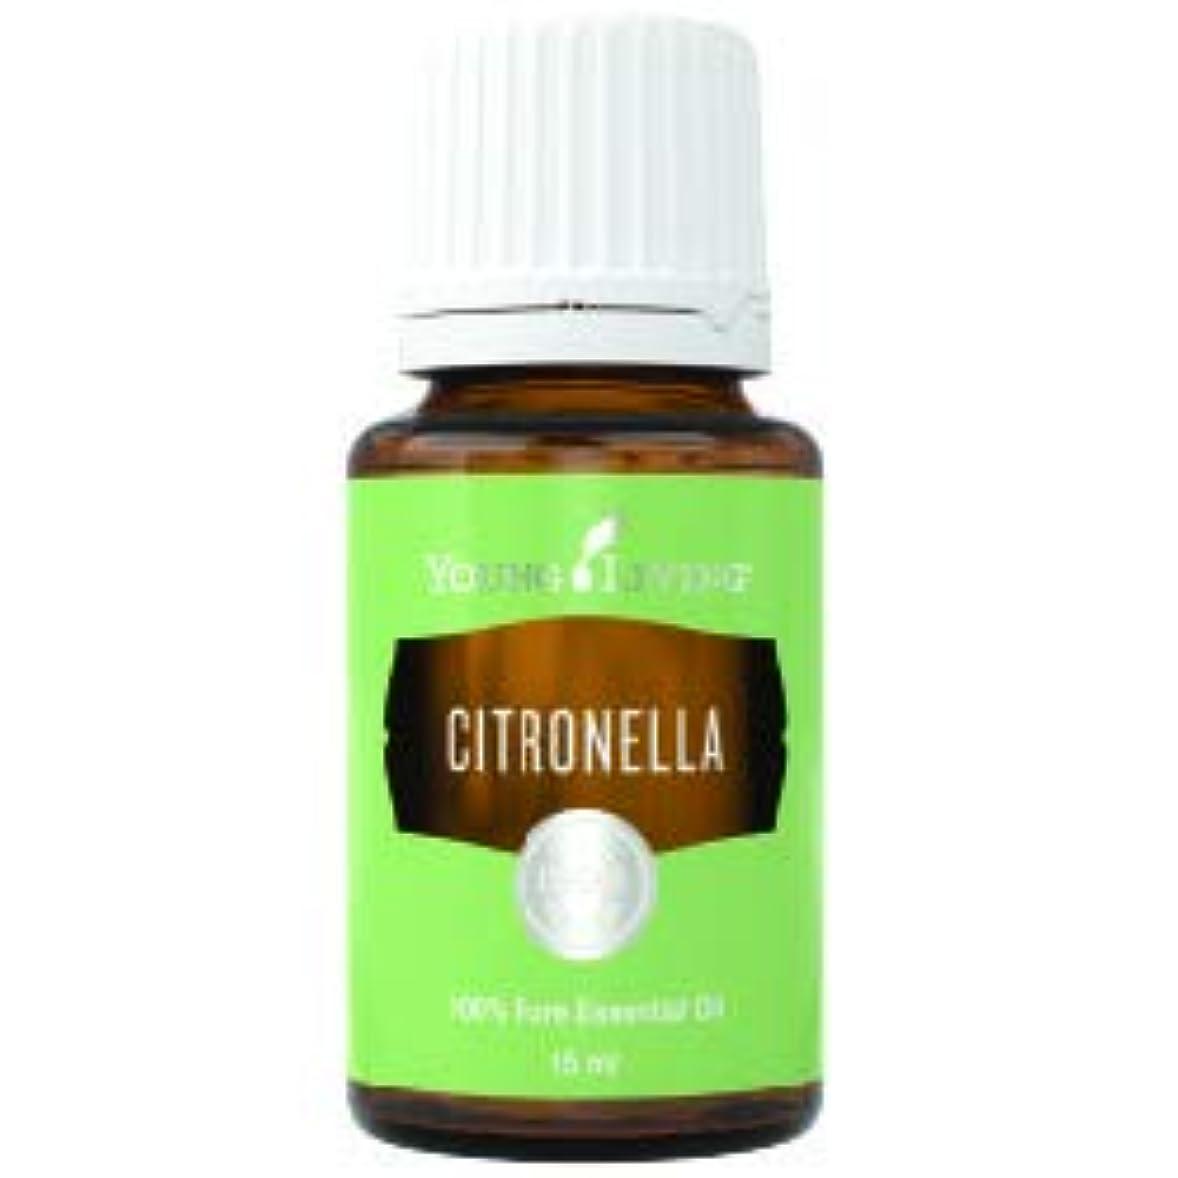 エゴイズムペフつまらないシトロネラエッセンシャルオイル15 ml byヤングリビングマレーシア Citronella Essential Oil 15 ml by Young Living Malaysia